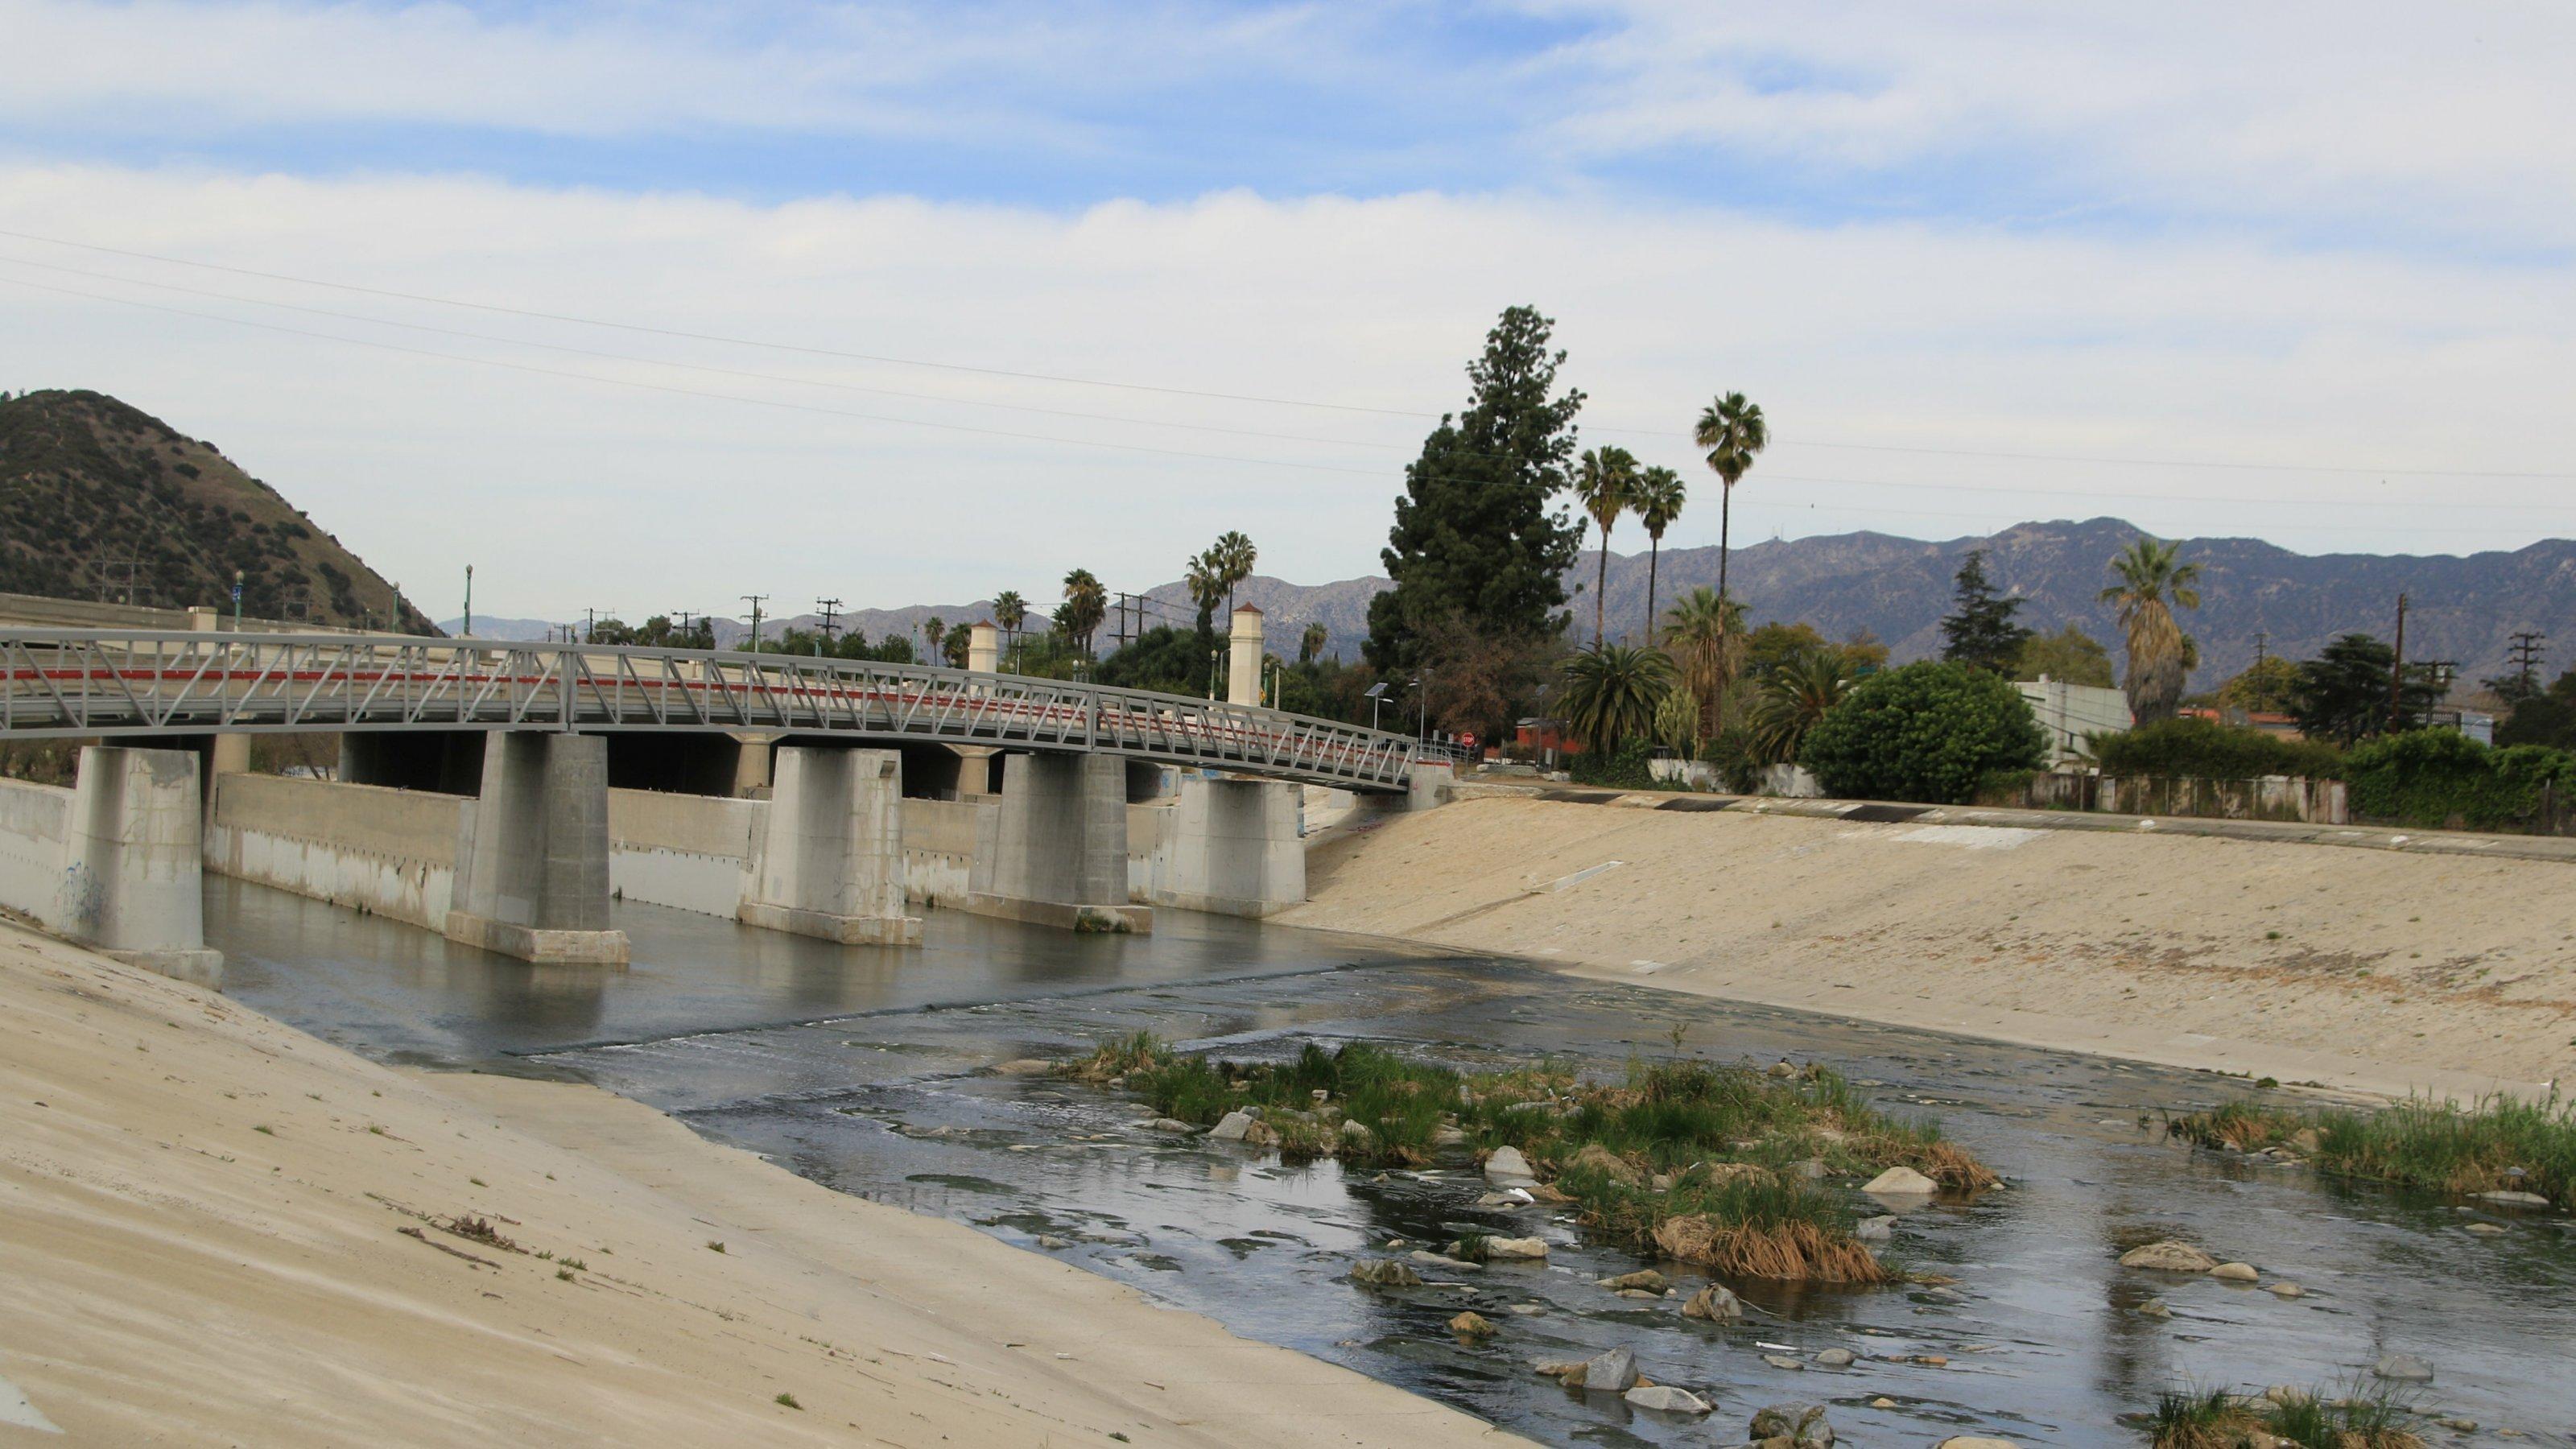 Ein Fluss fließt in einem Betonkanal